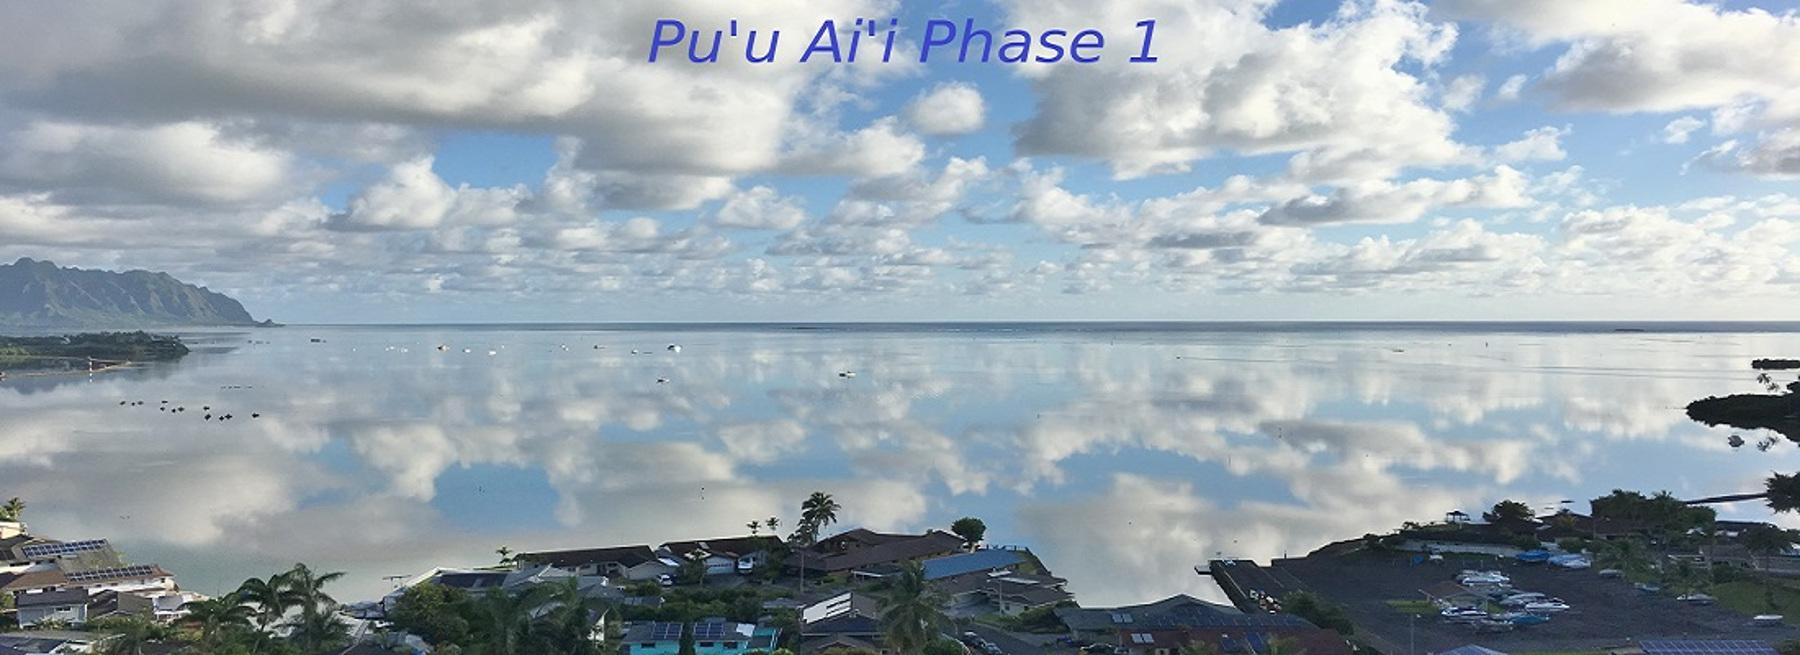 Puu Alii Phase I cover